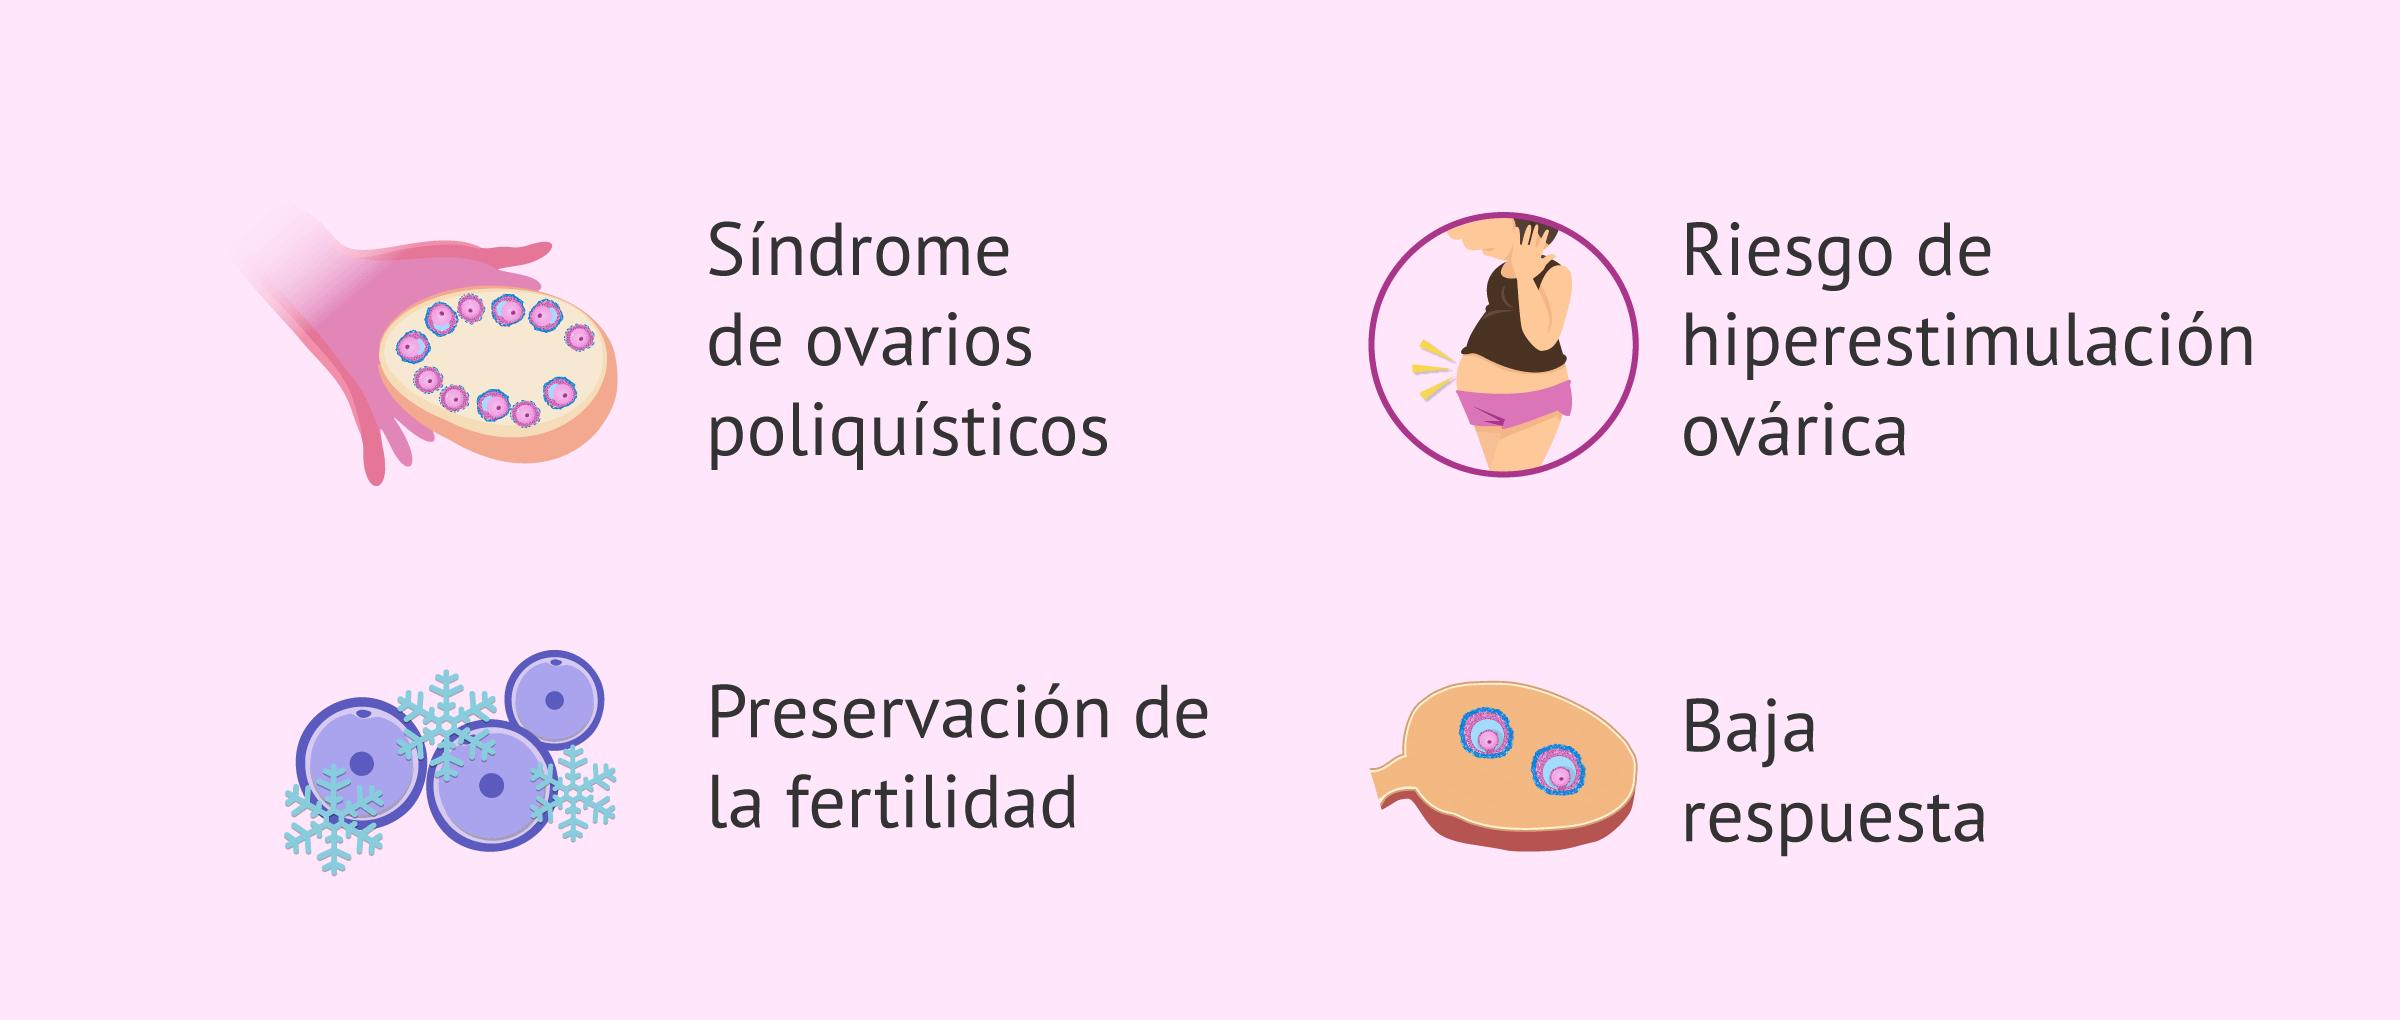 Indicaciones de la maduración in vitro (IVM)